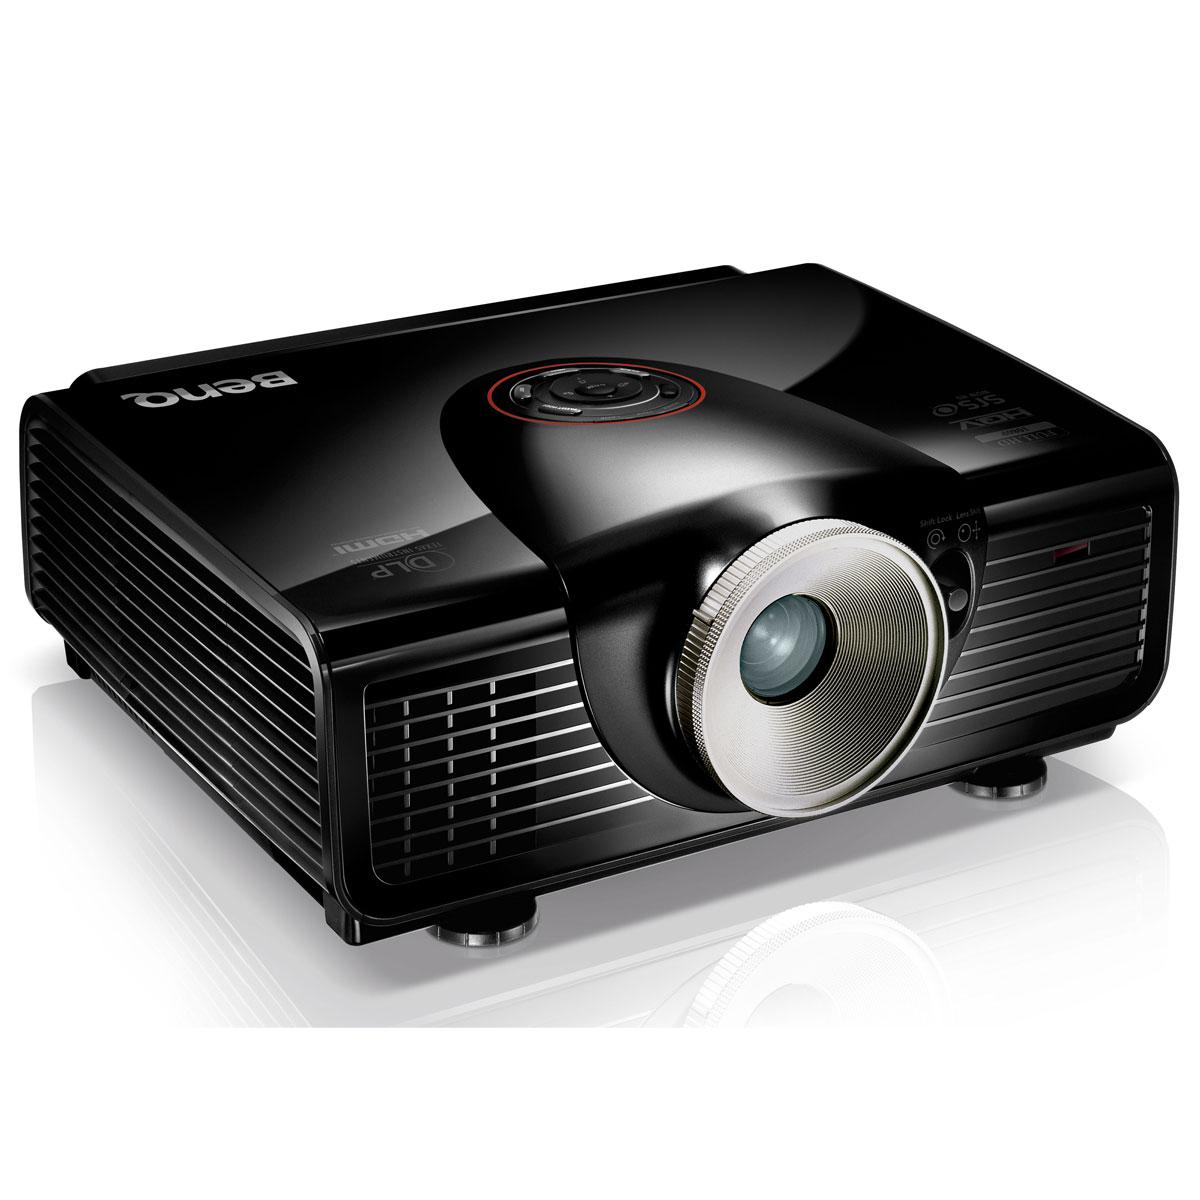 Vidéoprojecteur BenQ SH940 Vidéoprojecteur DLP Full HD 1080p 4000 Lumens (garantie lampe 1 an ou 2000 h) - Lens Shift